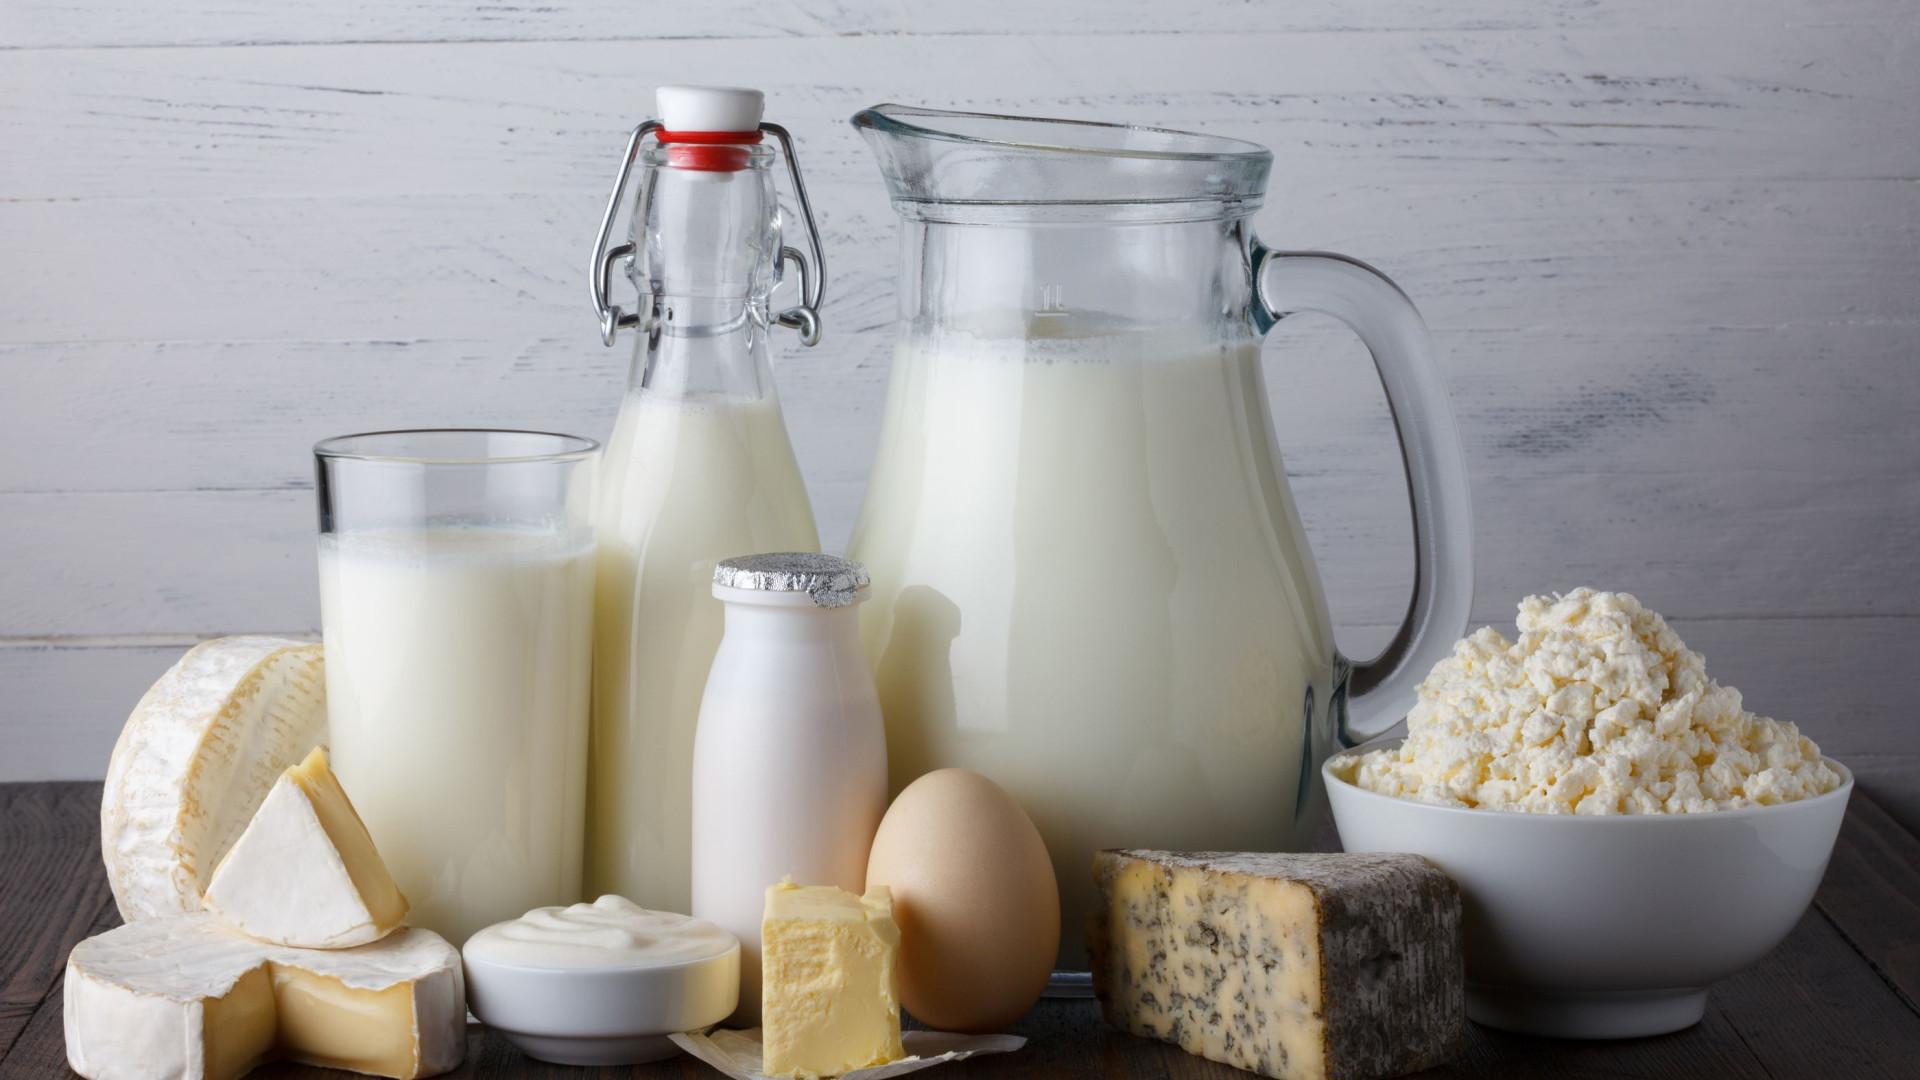 Produtores de leite pedem intervenção de Bruxelas para regular contratos